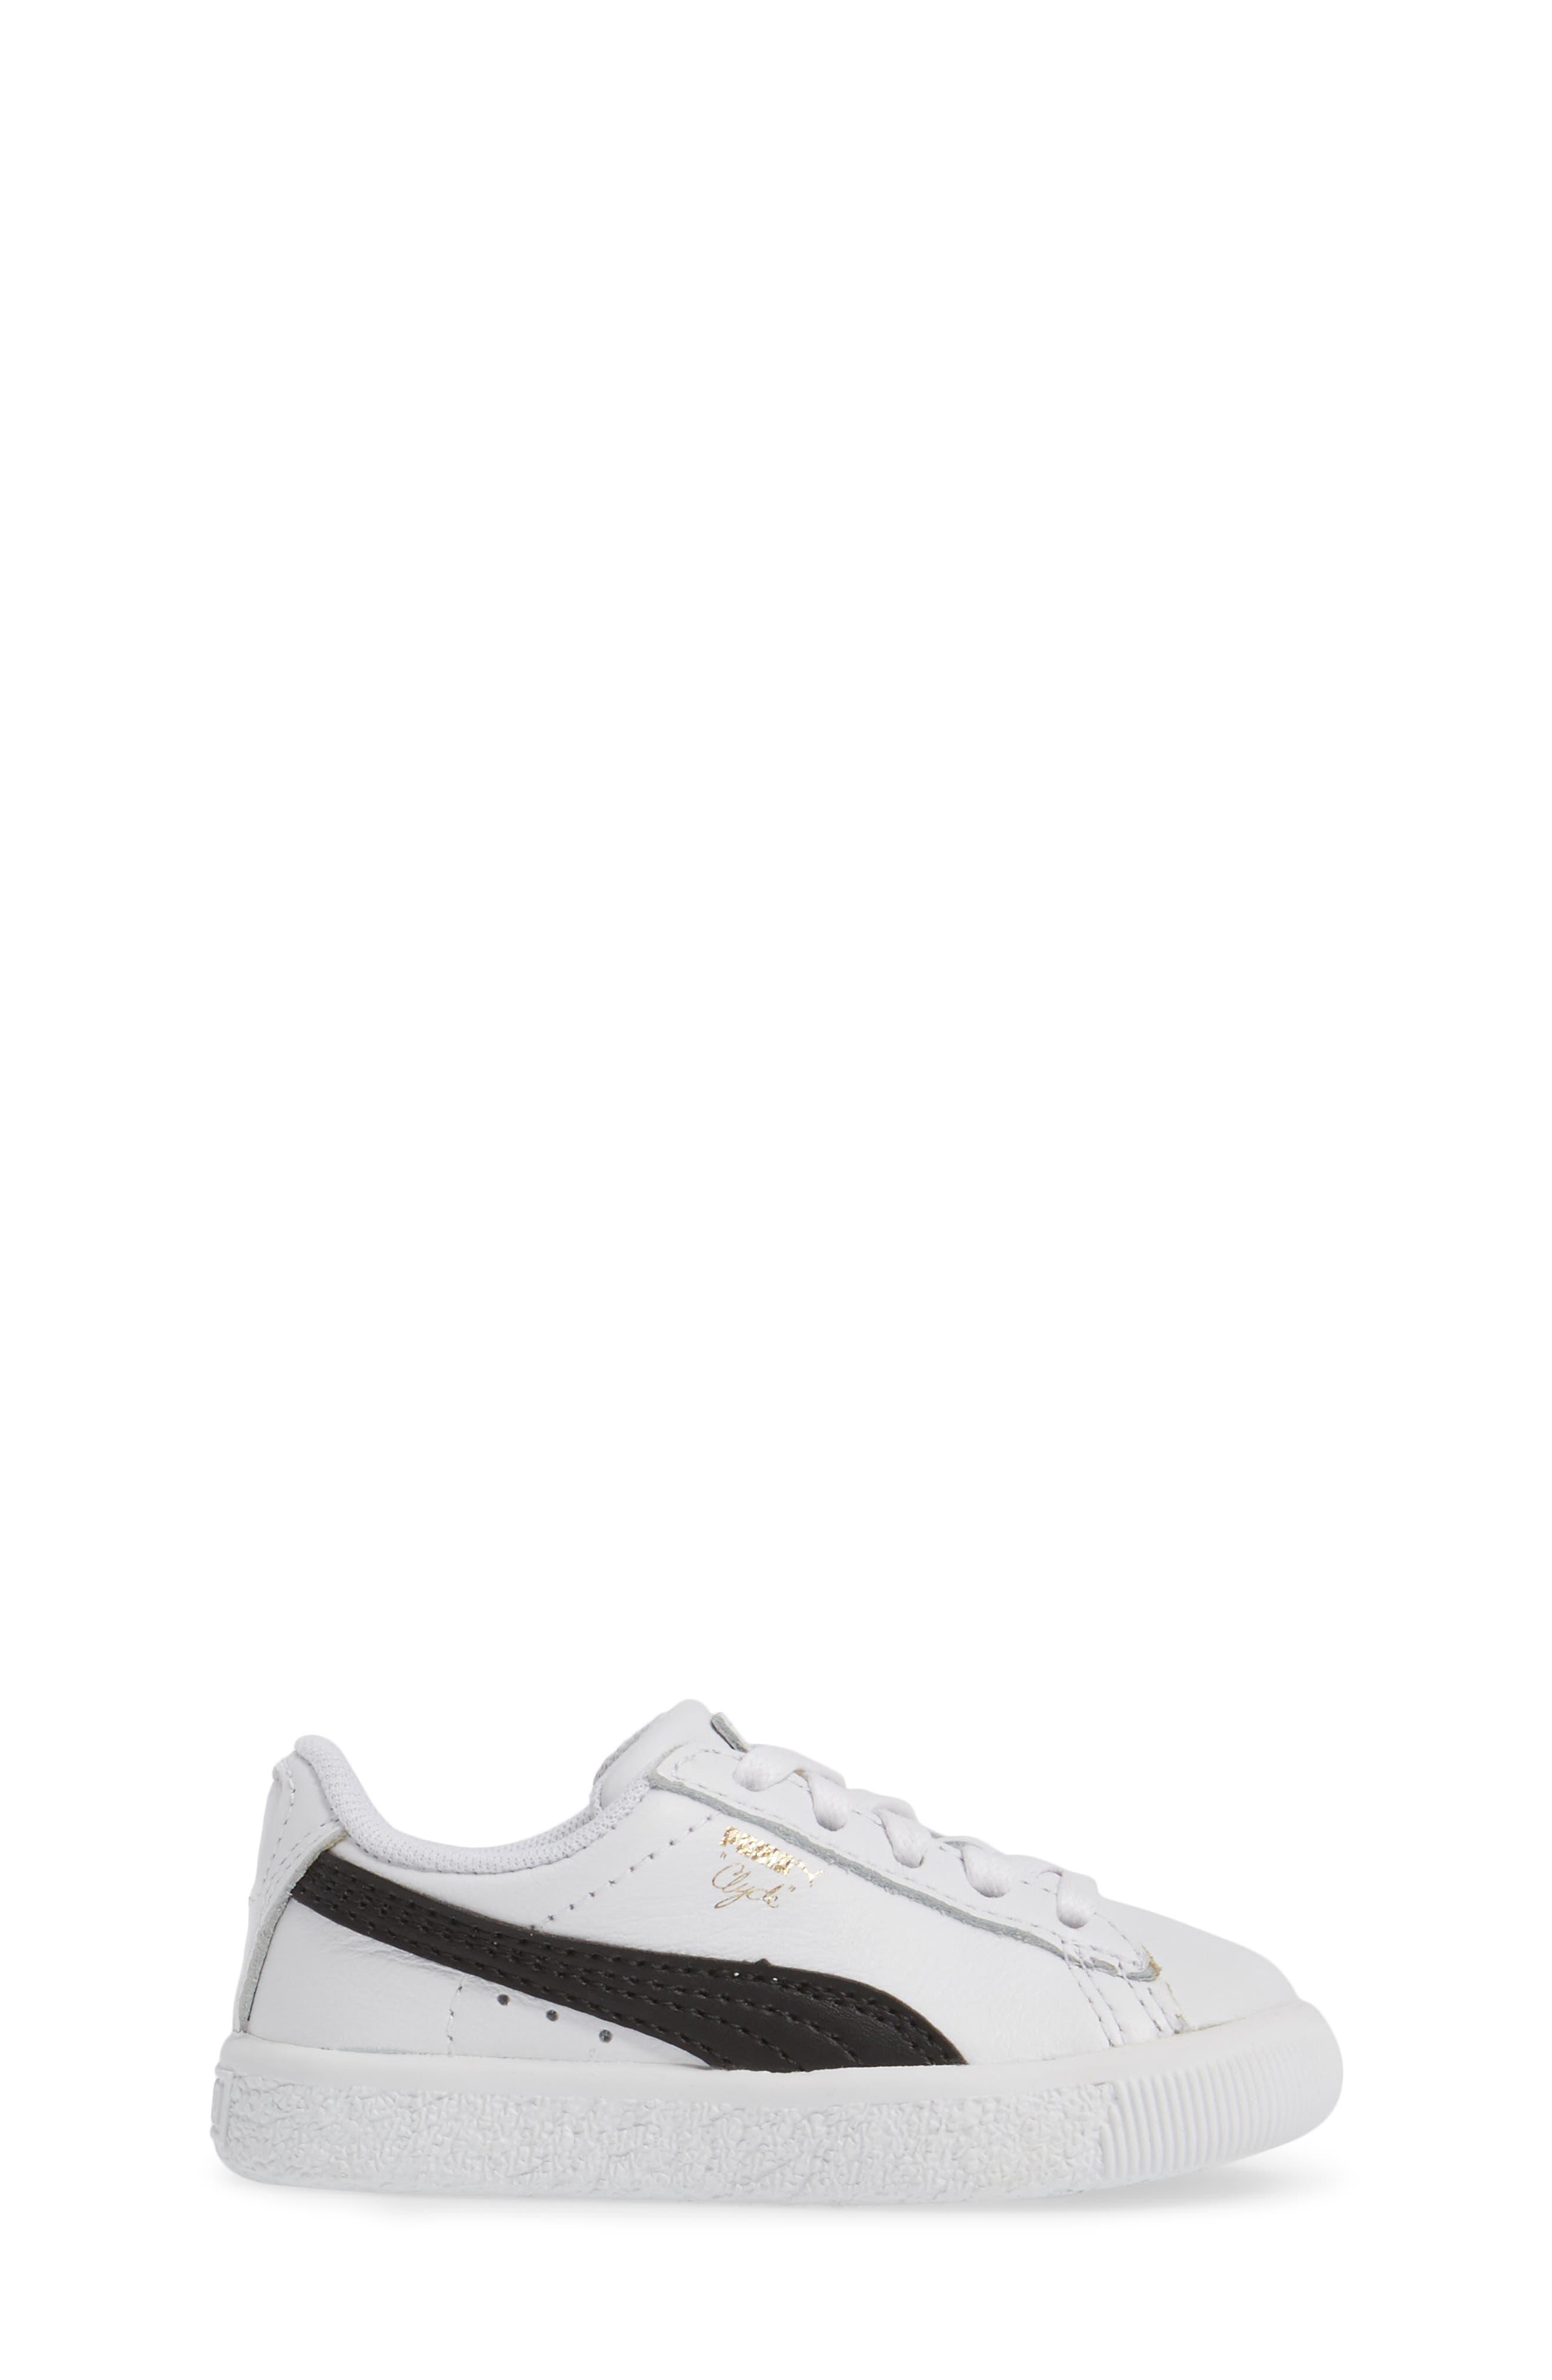 Clyde Core Foil Sneaker,                             Alternate thumbnail 15, color,